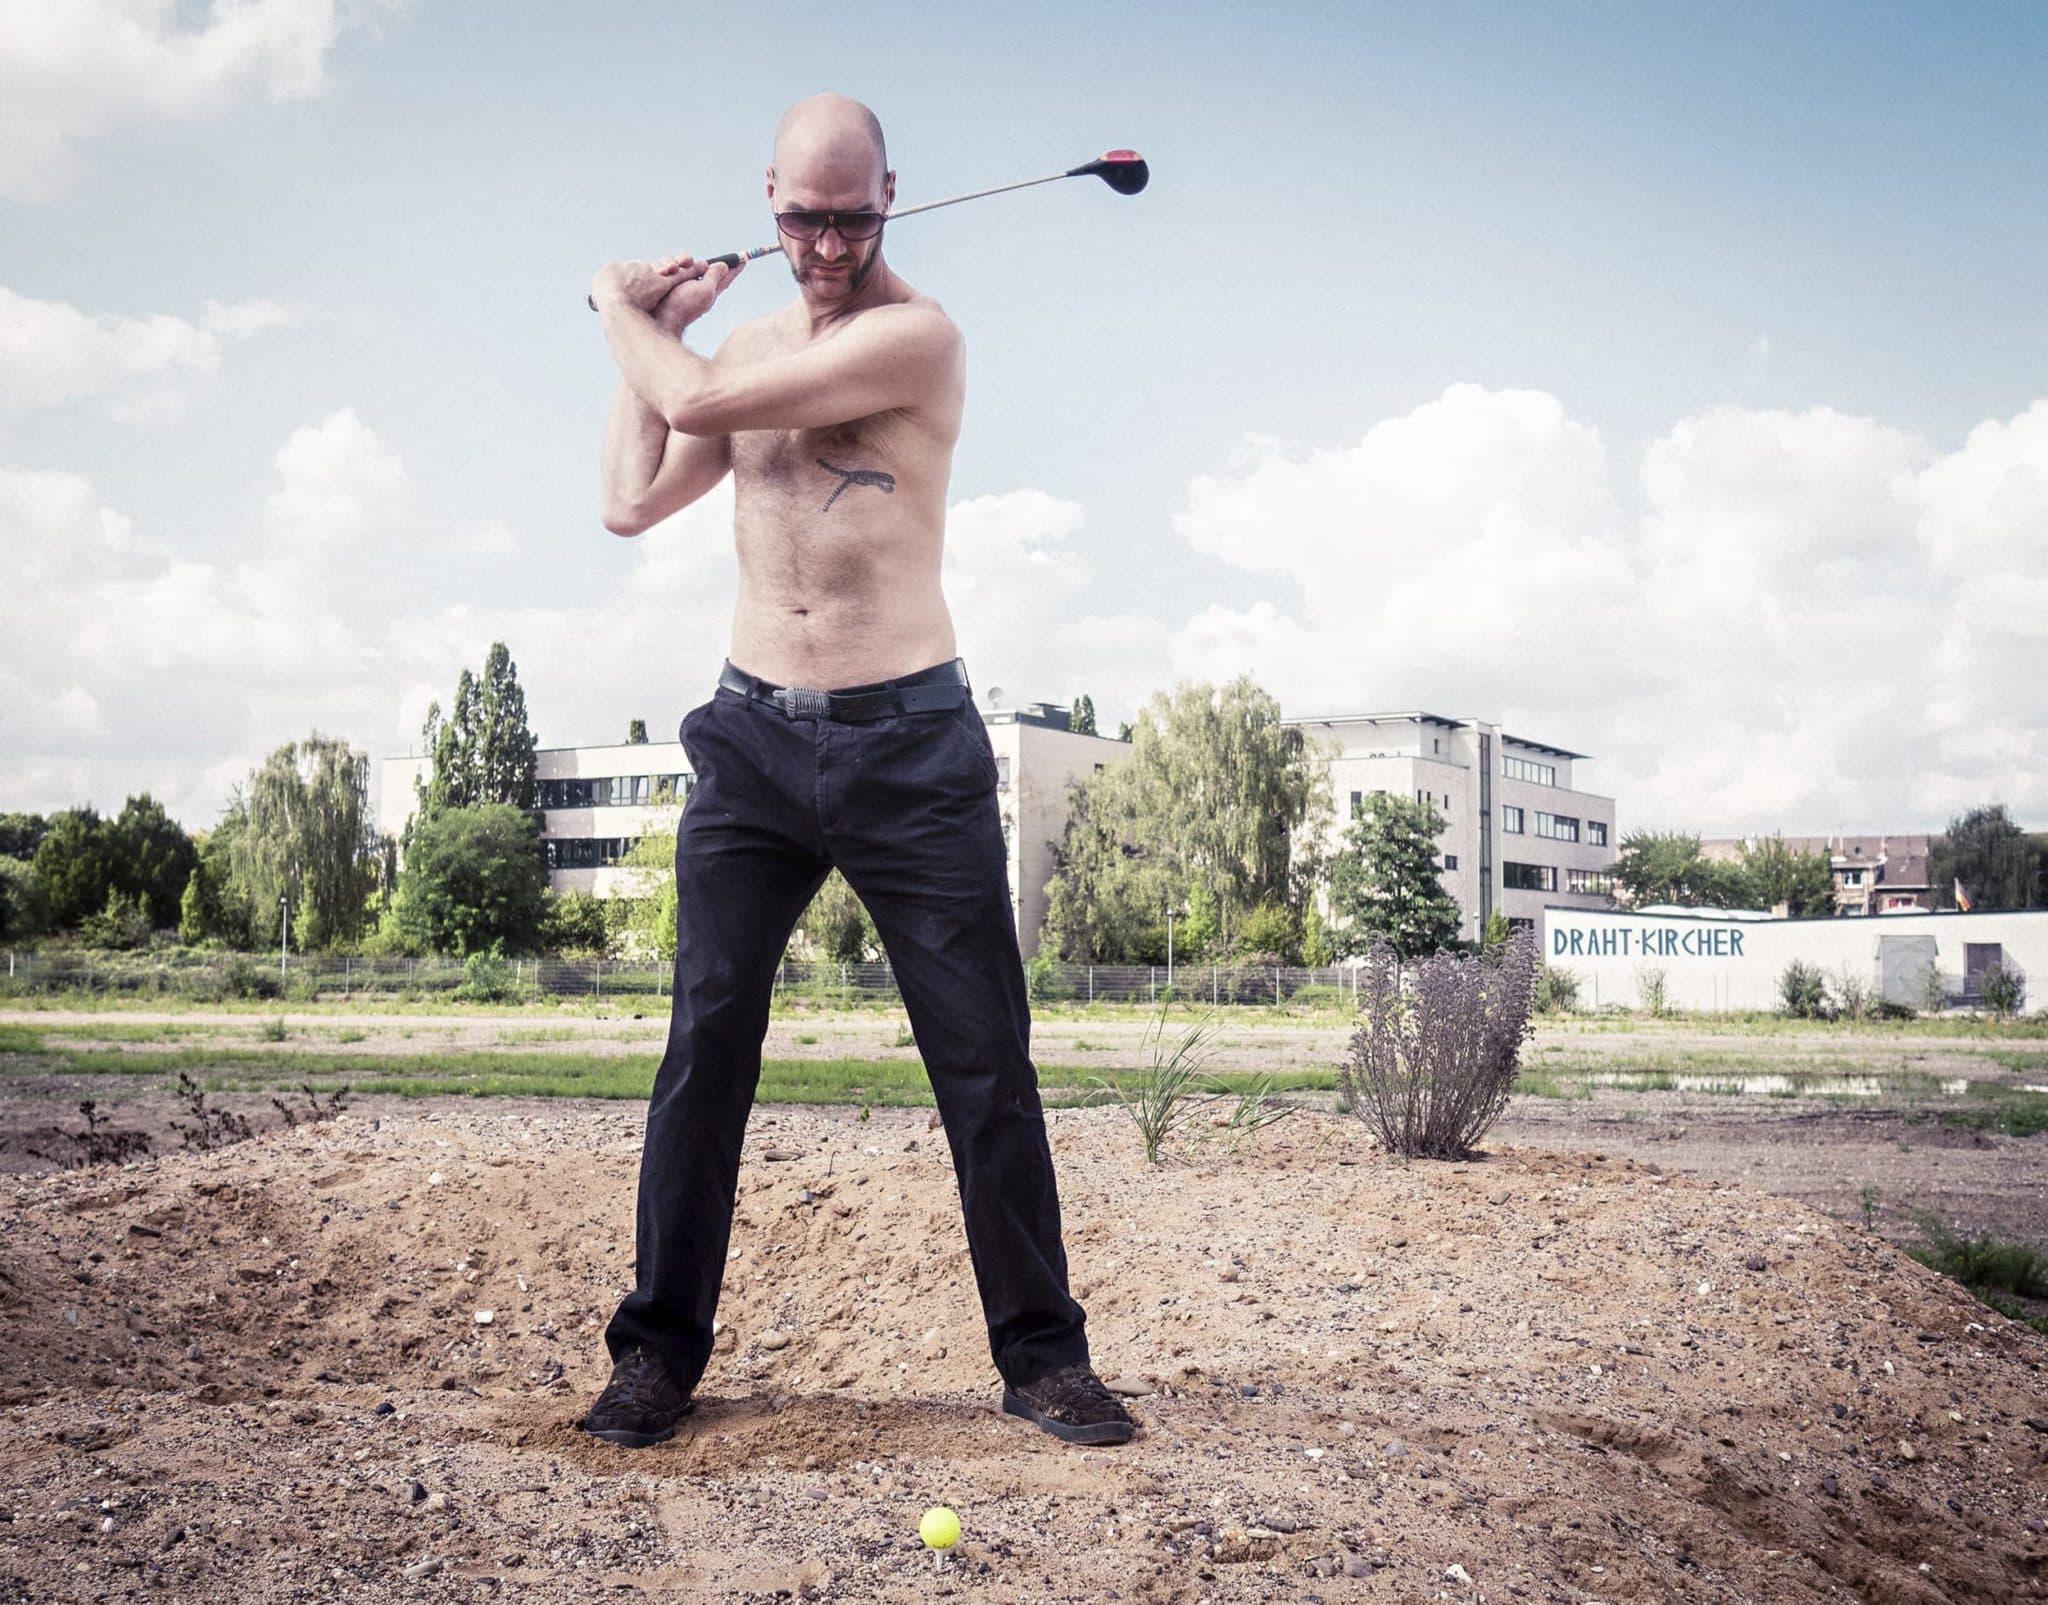 Crossgolf - photographed by Holger Altgeld